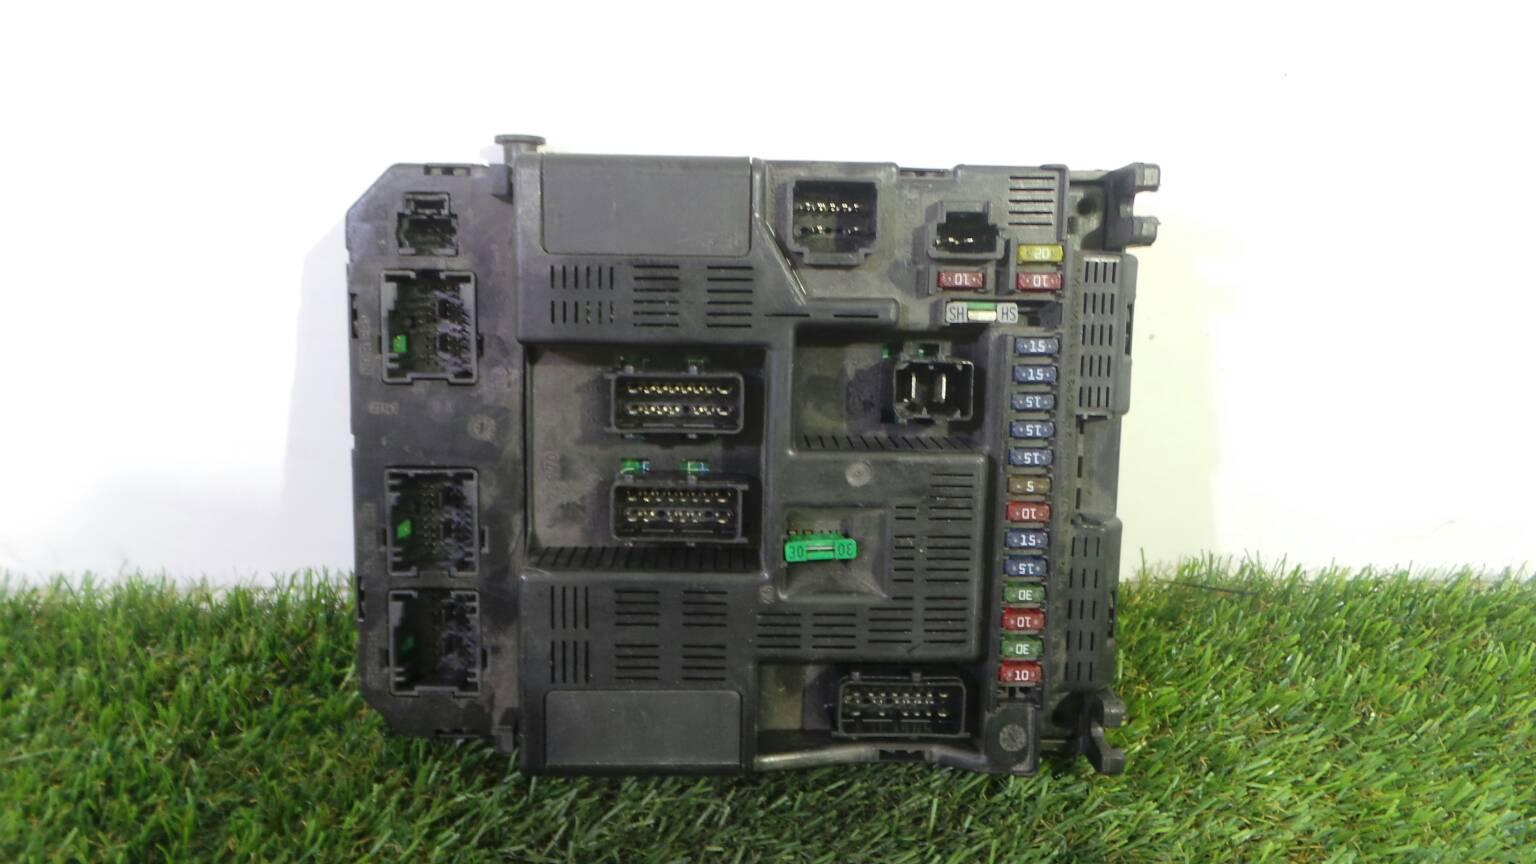 Fuse Box 96 367 605 80 F PEUGEOT, 307 (3A/C) 2.0